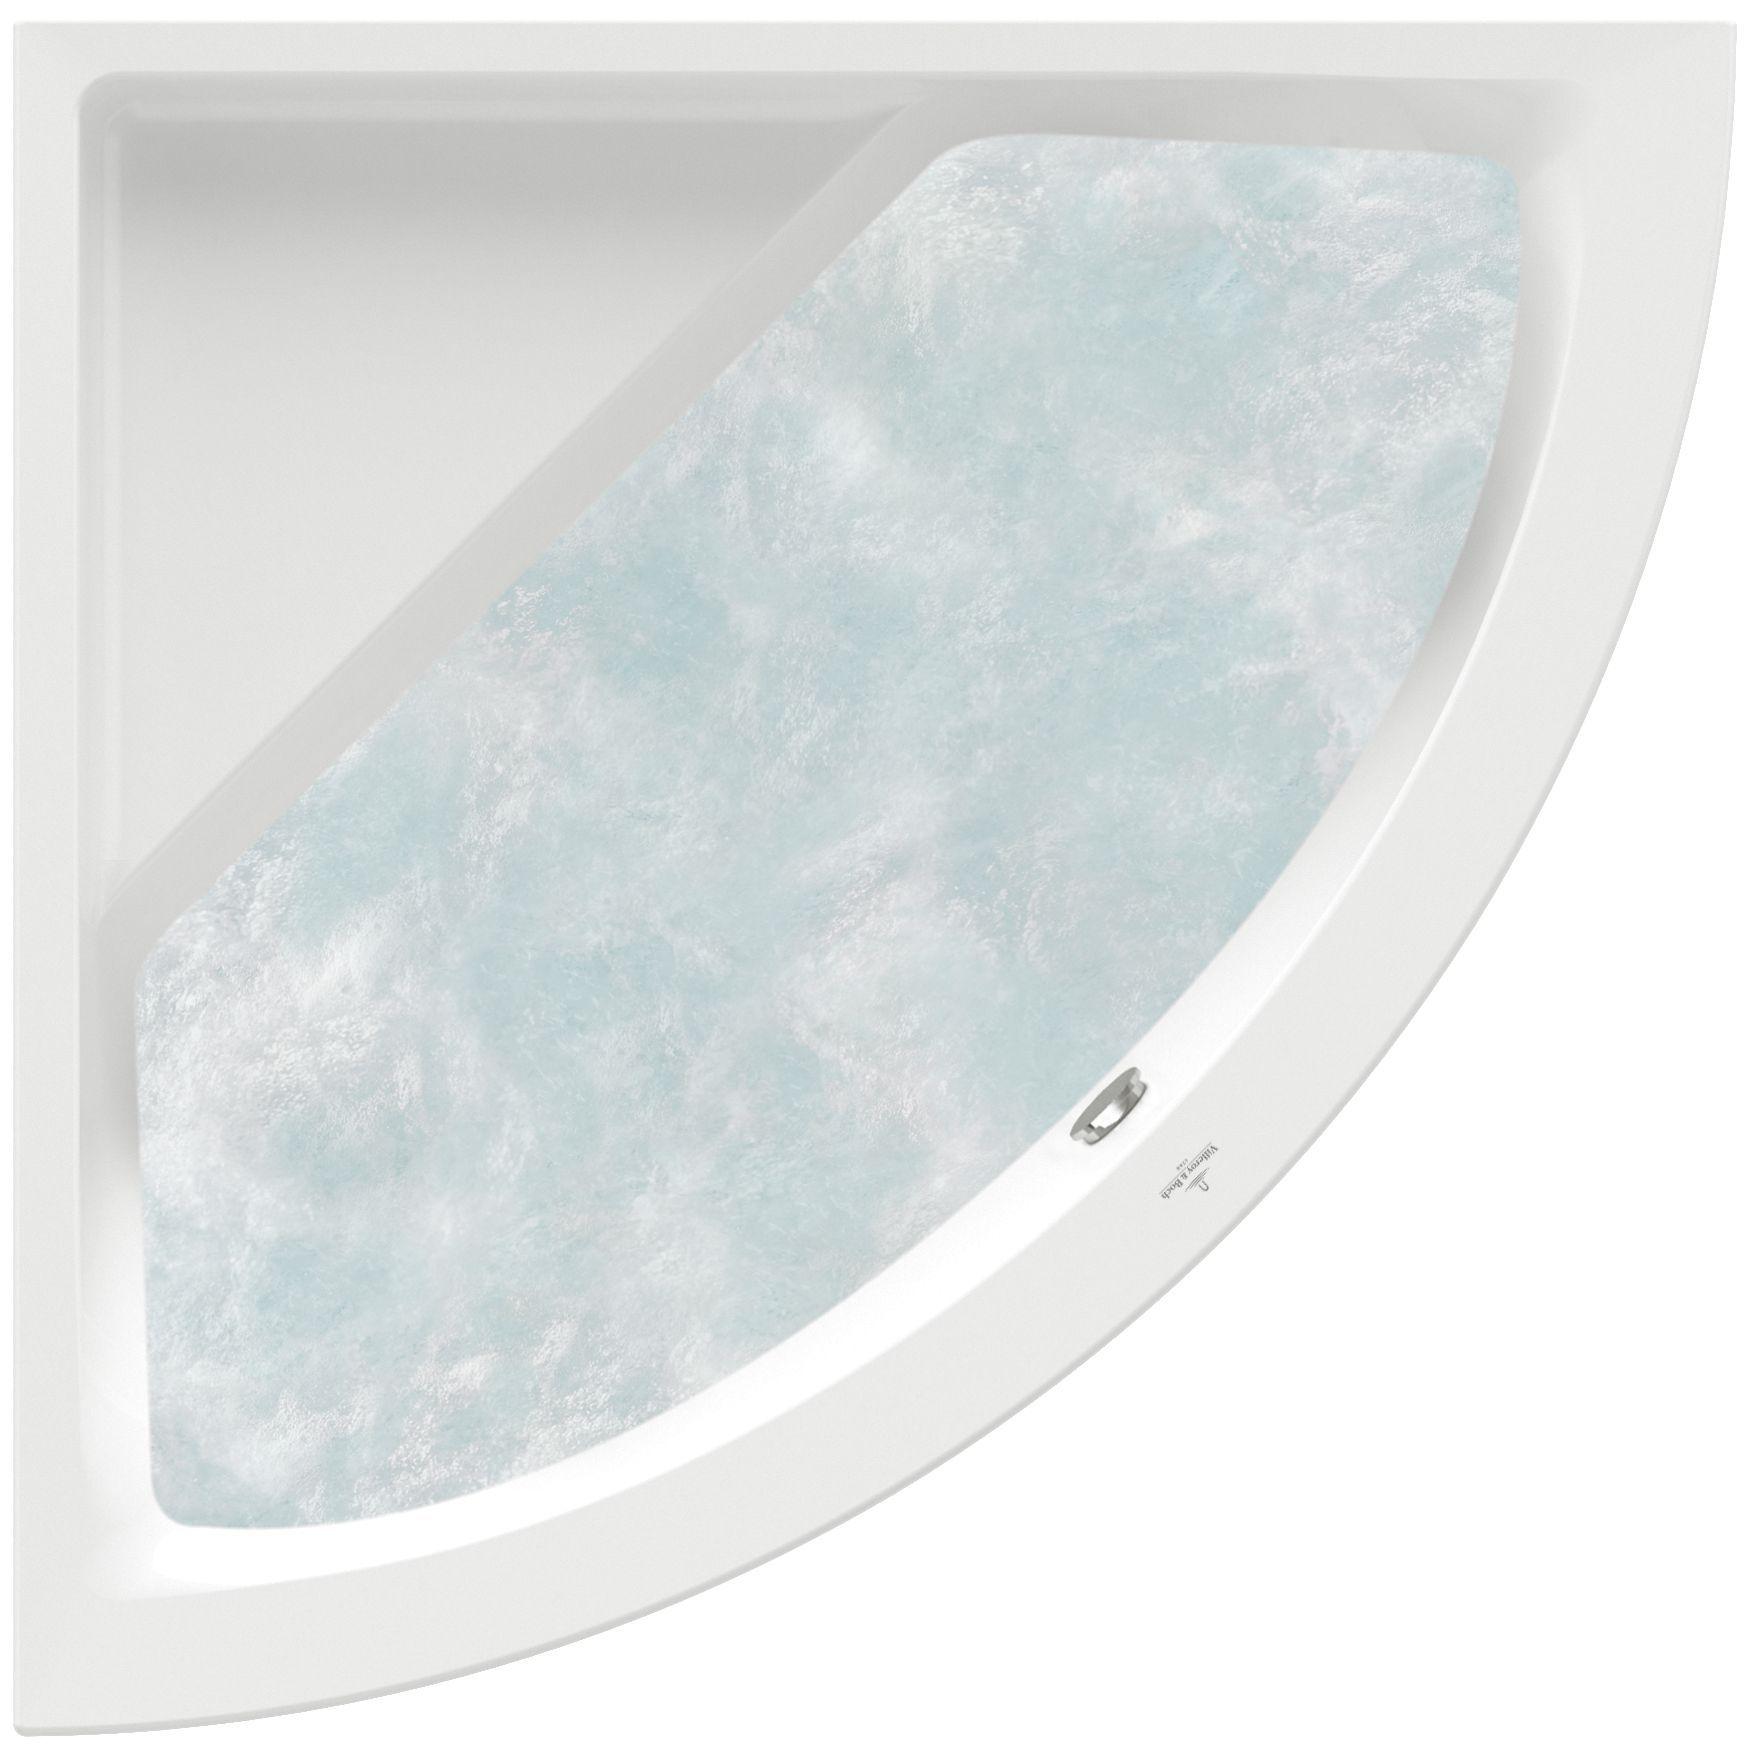 Villeroy & Boch Subway Eck-Badewanne Technik Position 2 L:130xB:130xcm weiß UIP130SUB3A2V01